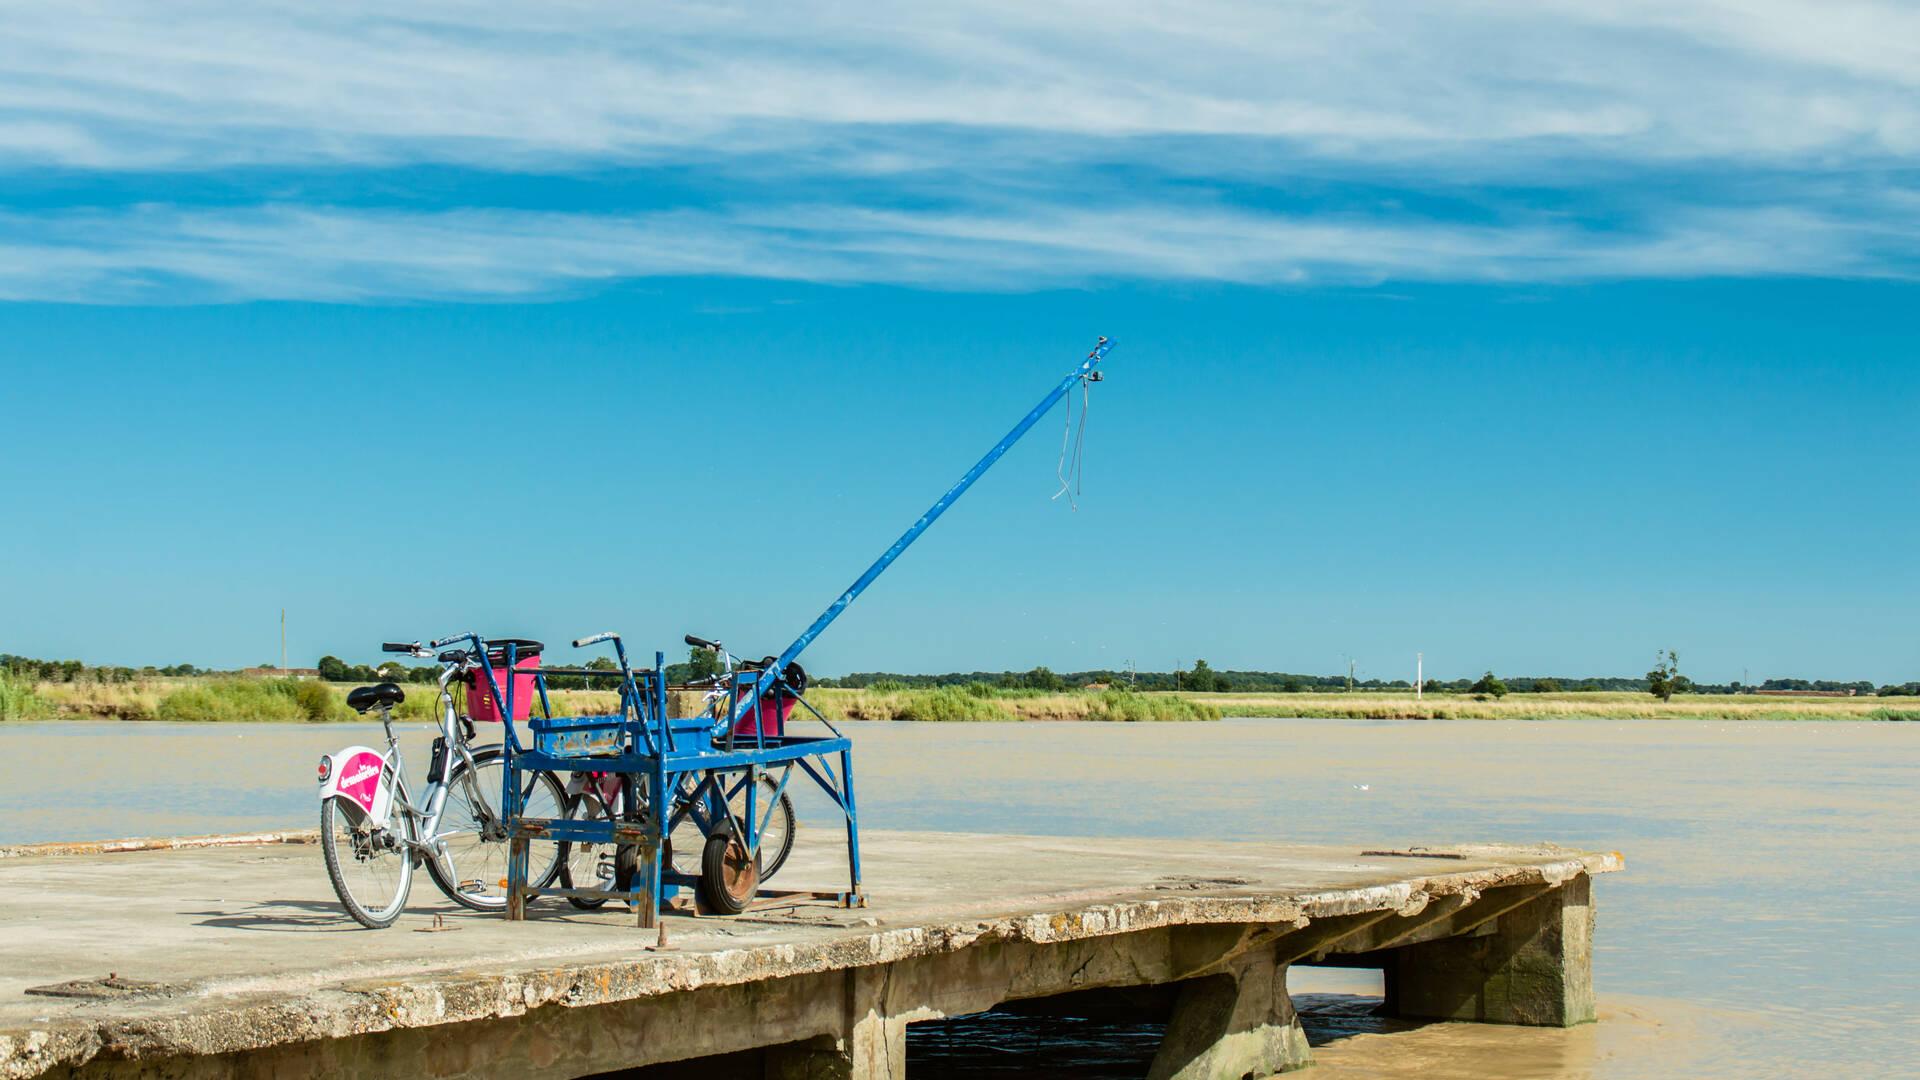 Balade à vélo au fil de la Charente - Rochefort Océan